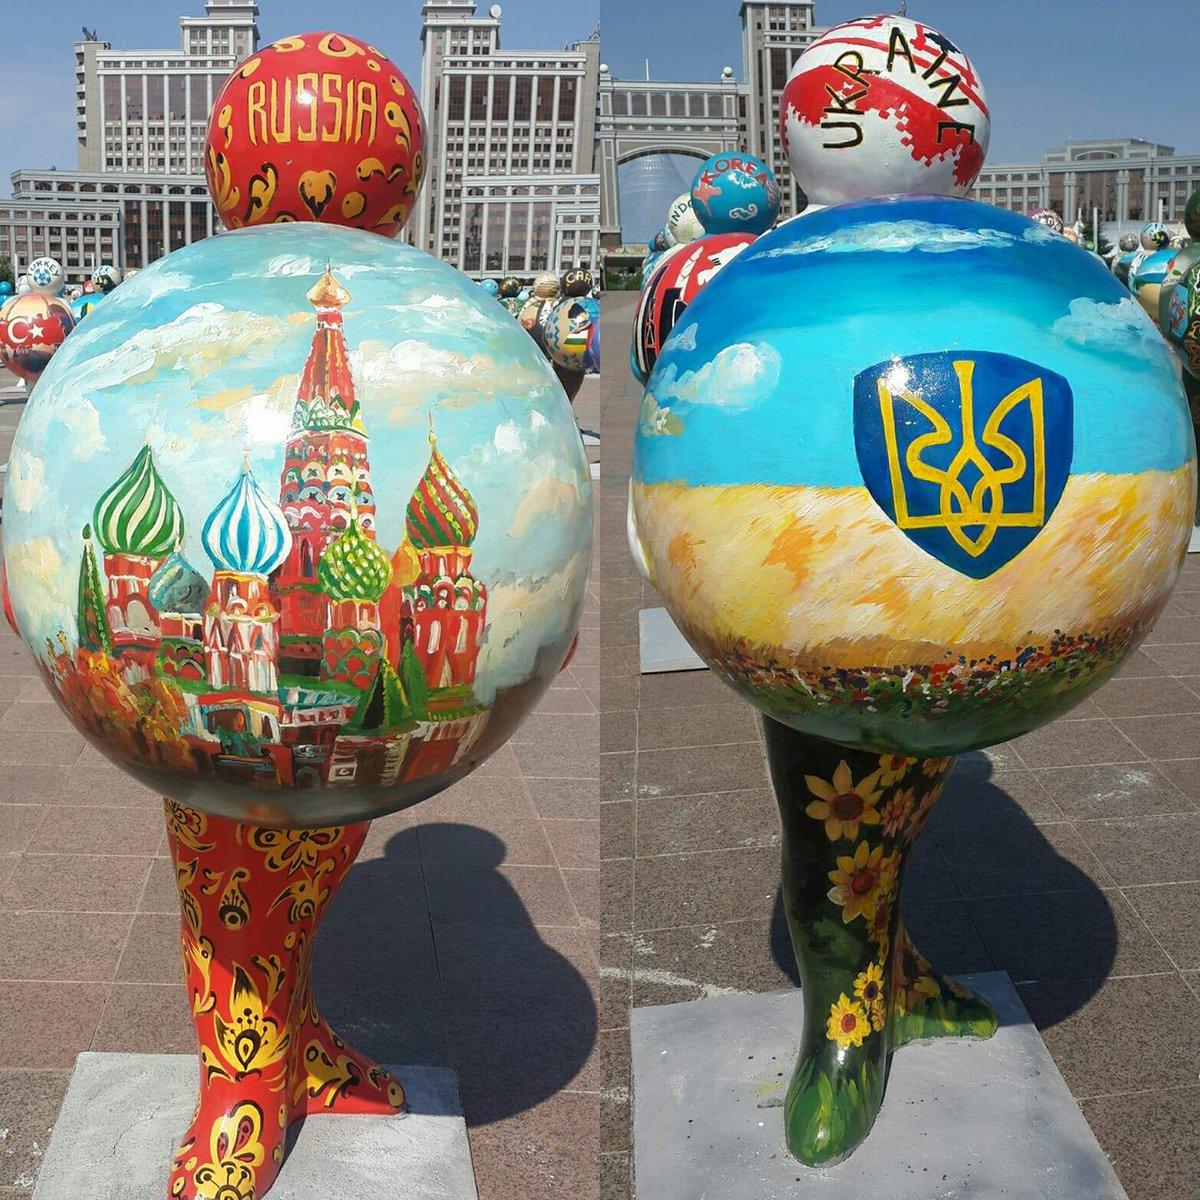 В Казахстане появилась карта Украины без Крыма. МИД готовит ноту протеста - Цензор.НЕТ 3782